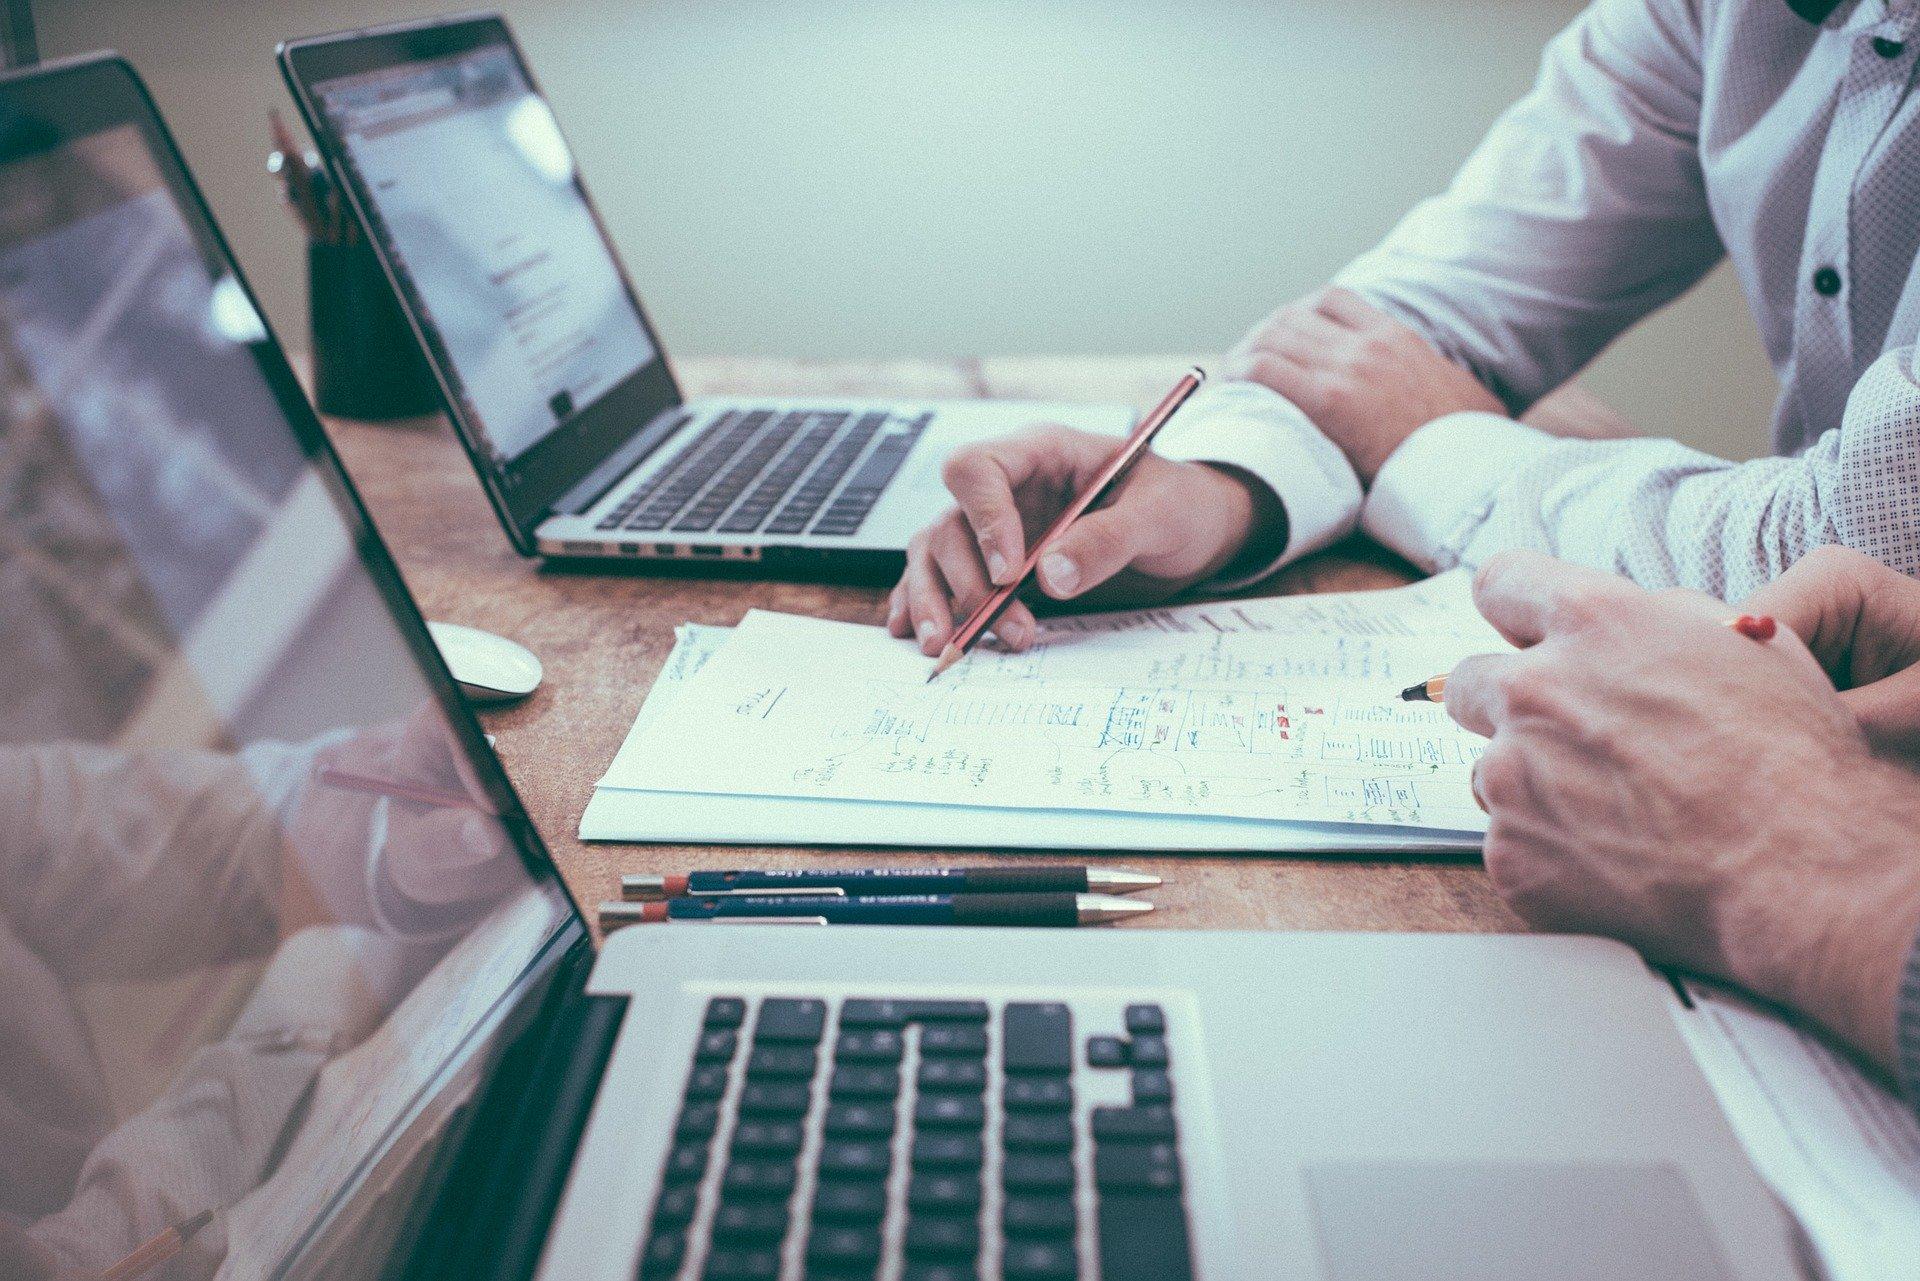 Binance ofrece financiamiento a seis proyectos DeFi a través de su fondo de aceleración para desarrolladores